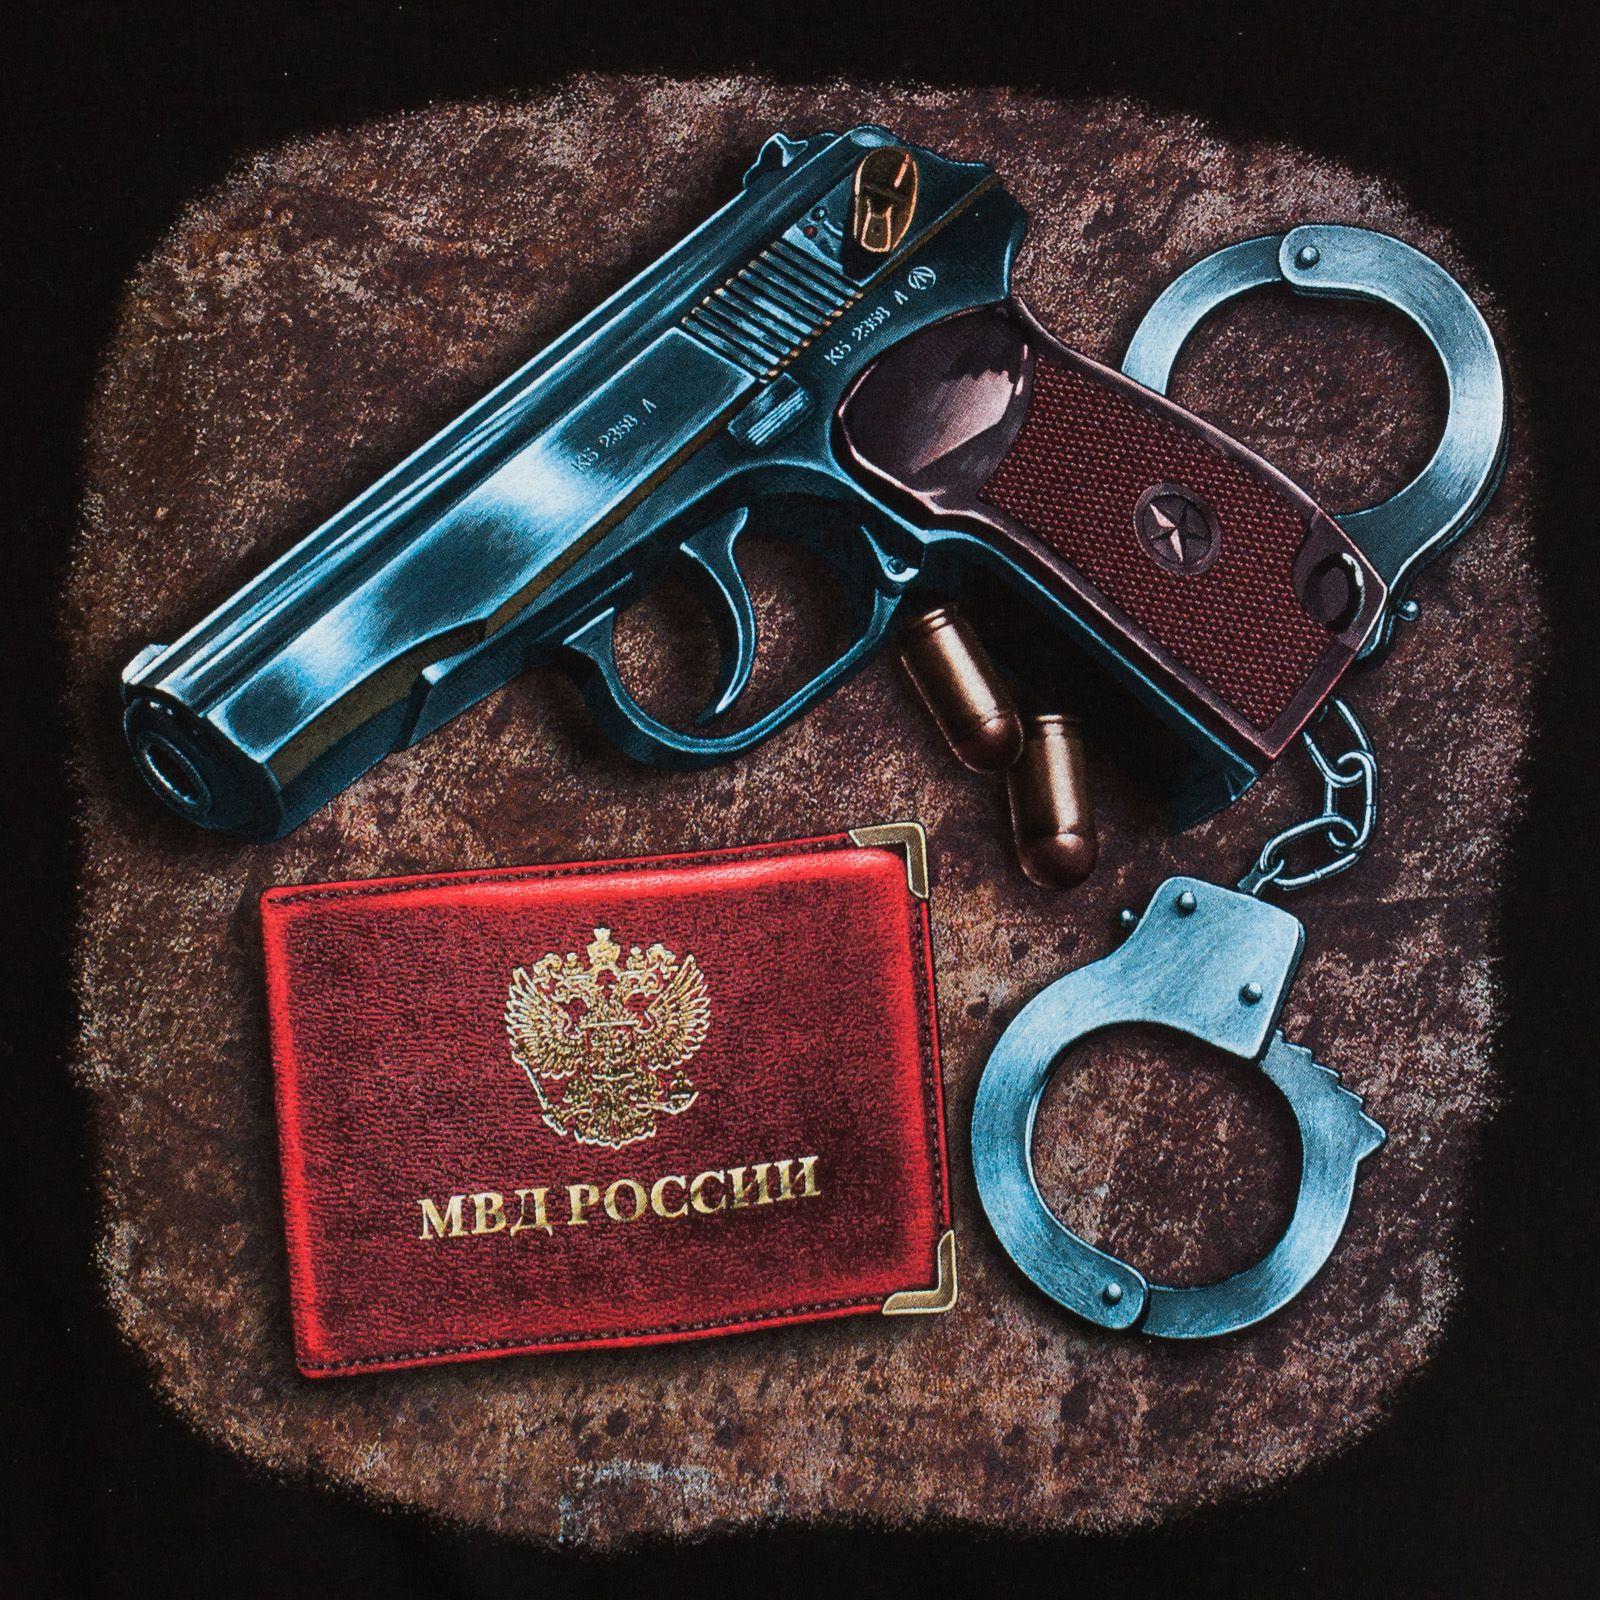 Футболка «МВД России» - оригинальный принт